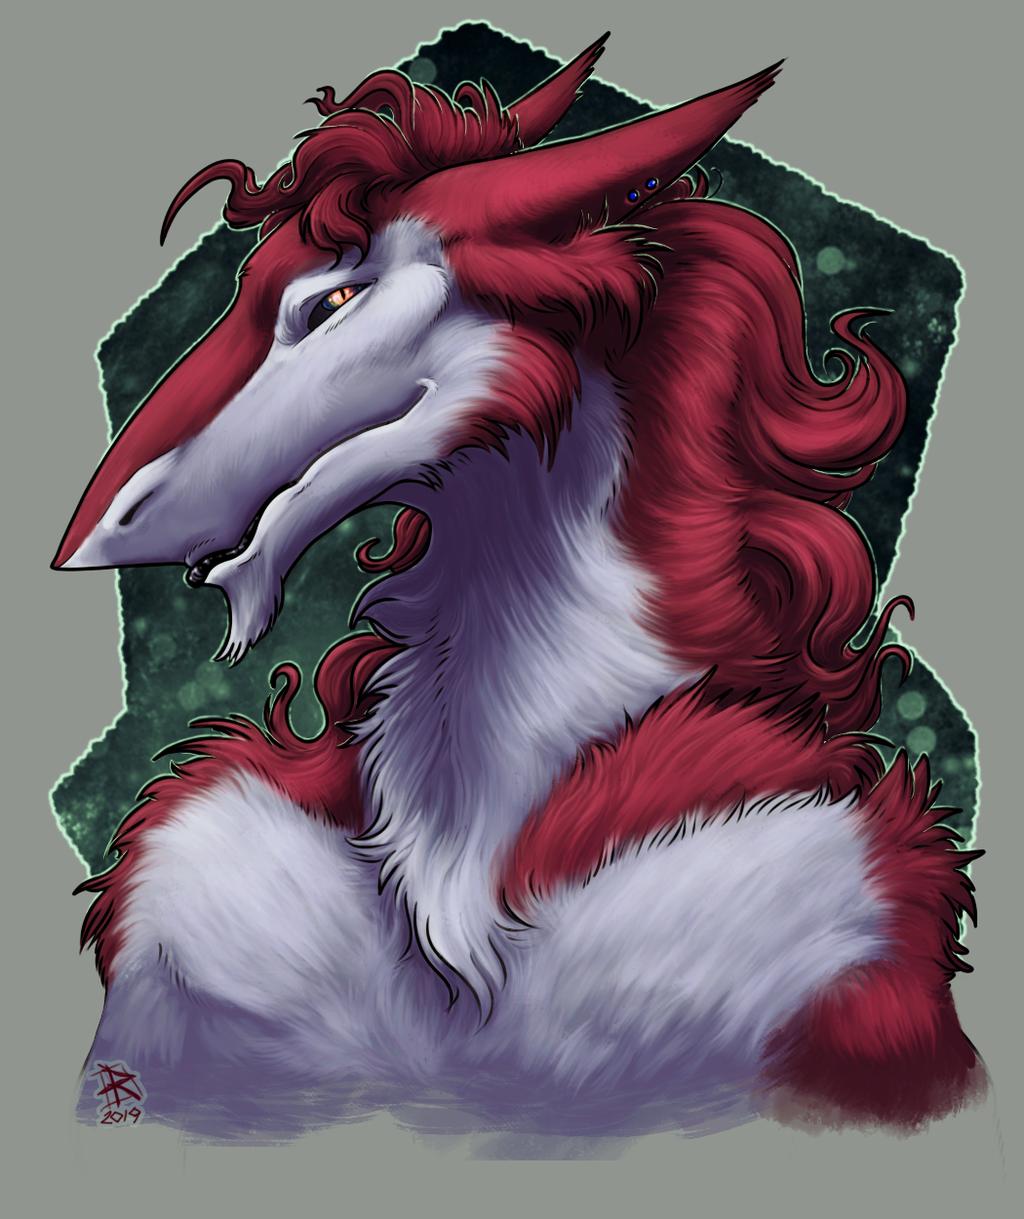 Most recent image: Commission portrait - Sergal